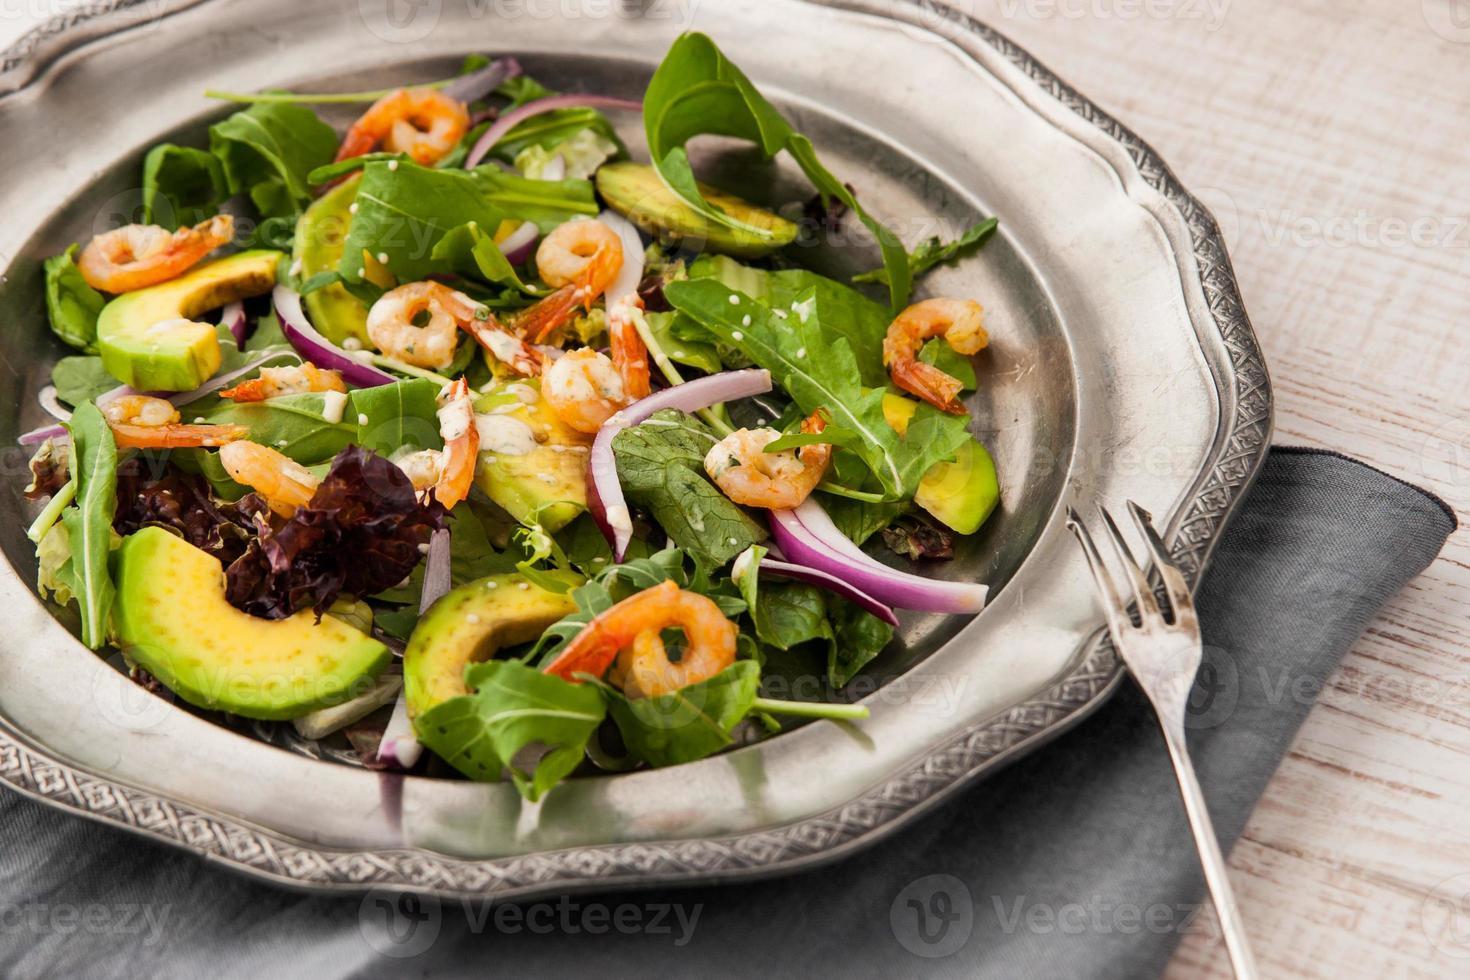 gamberi e insalata di avocado su piastra metallica vintage con forchetta foto